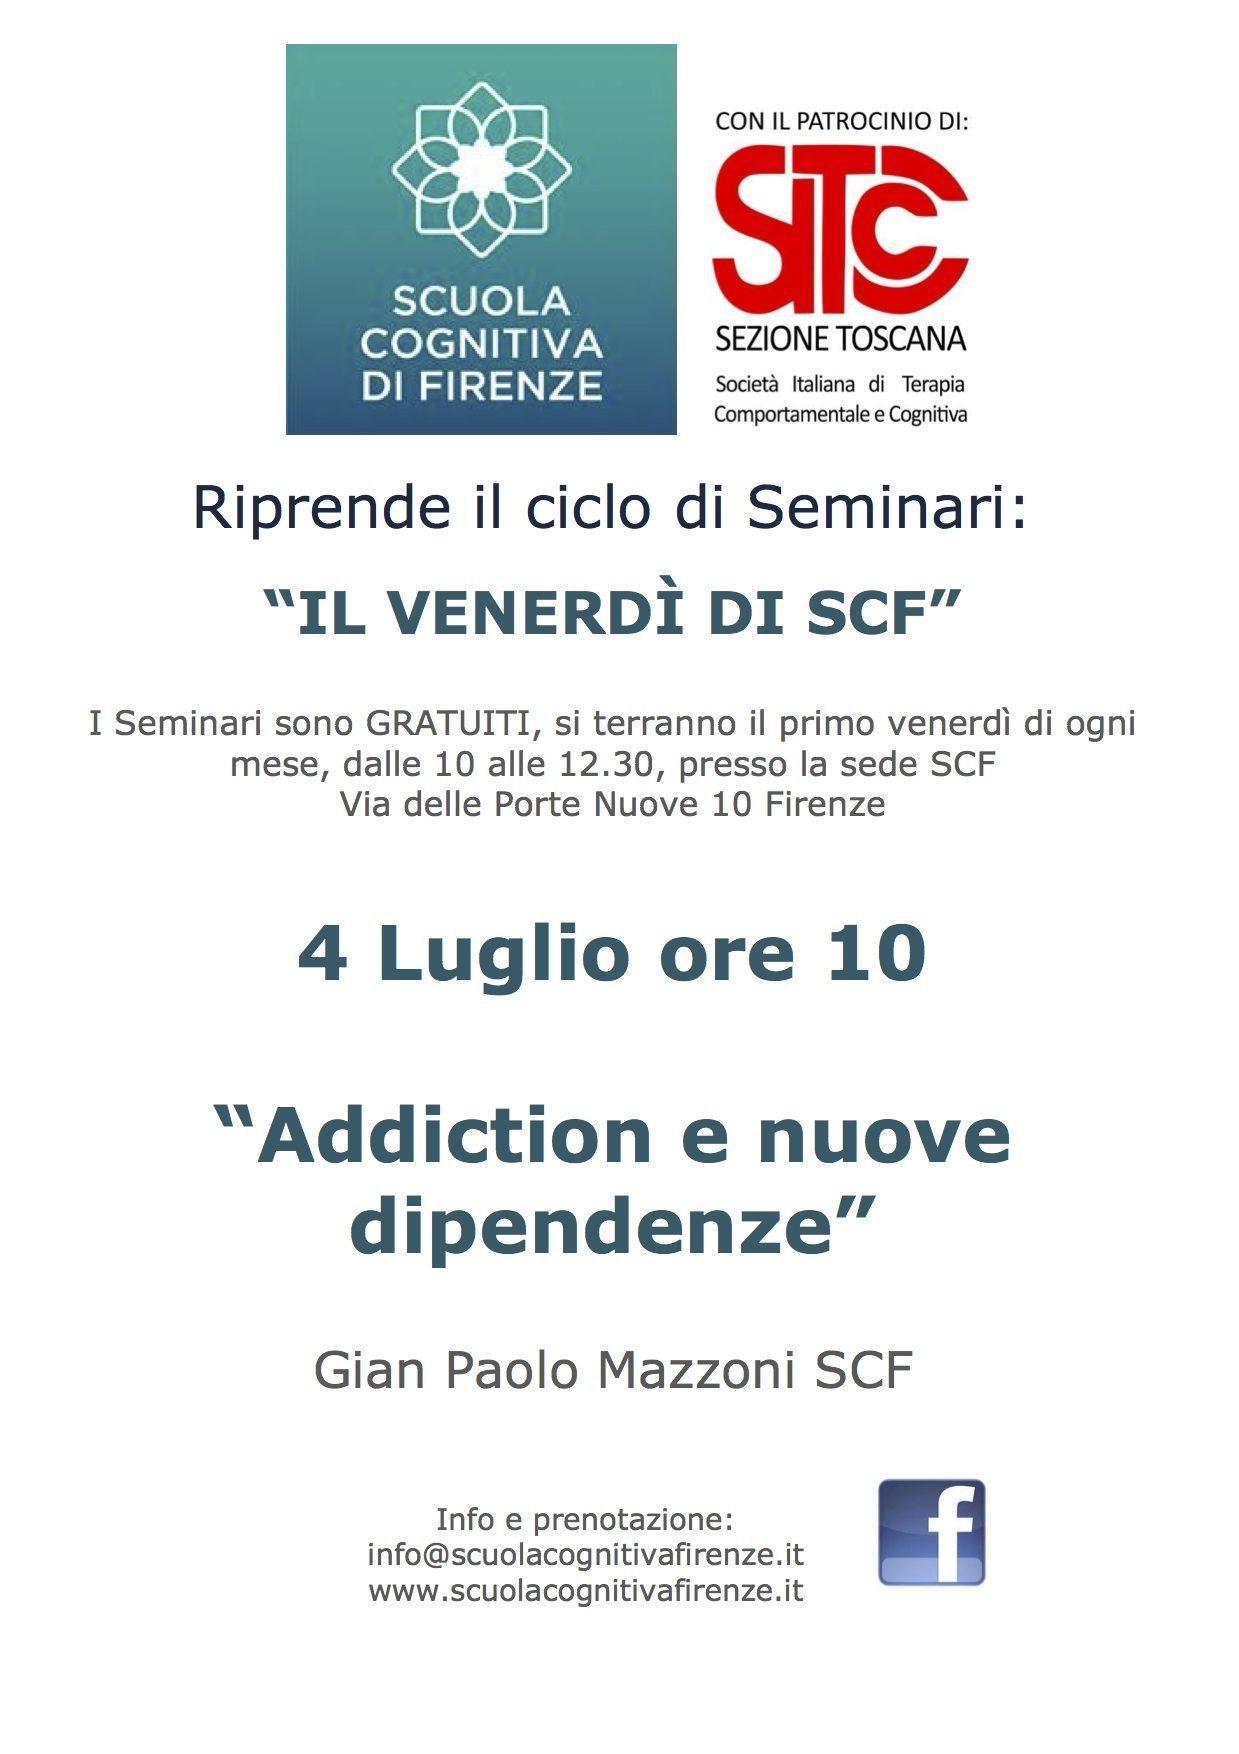 4 Luglio - Seminario Addiction e nuove dipendenze